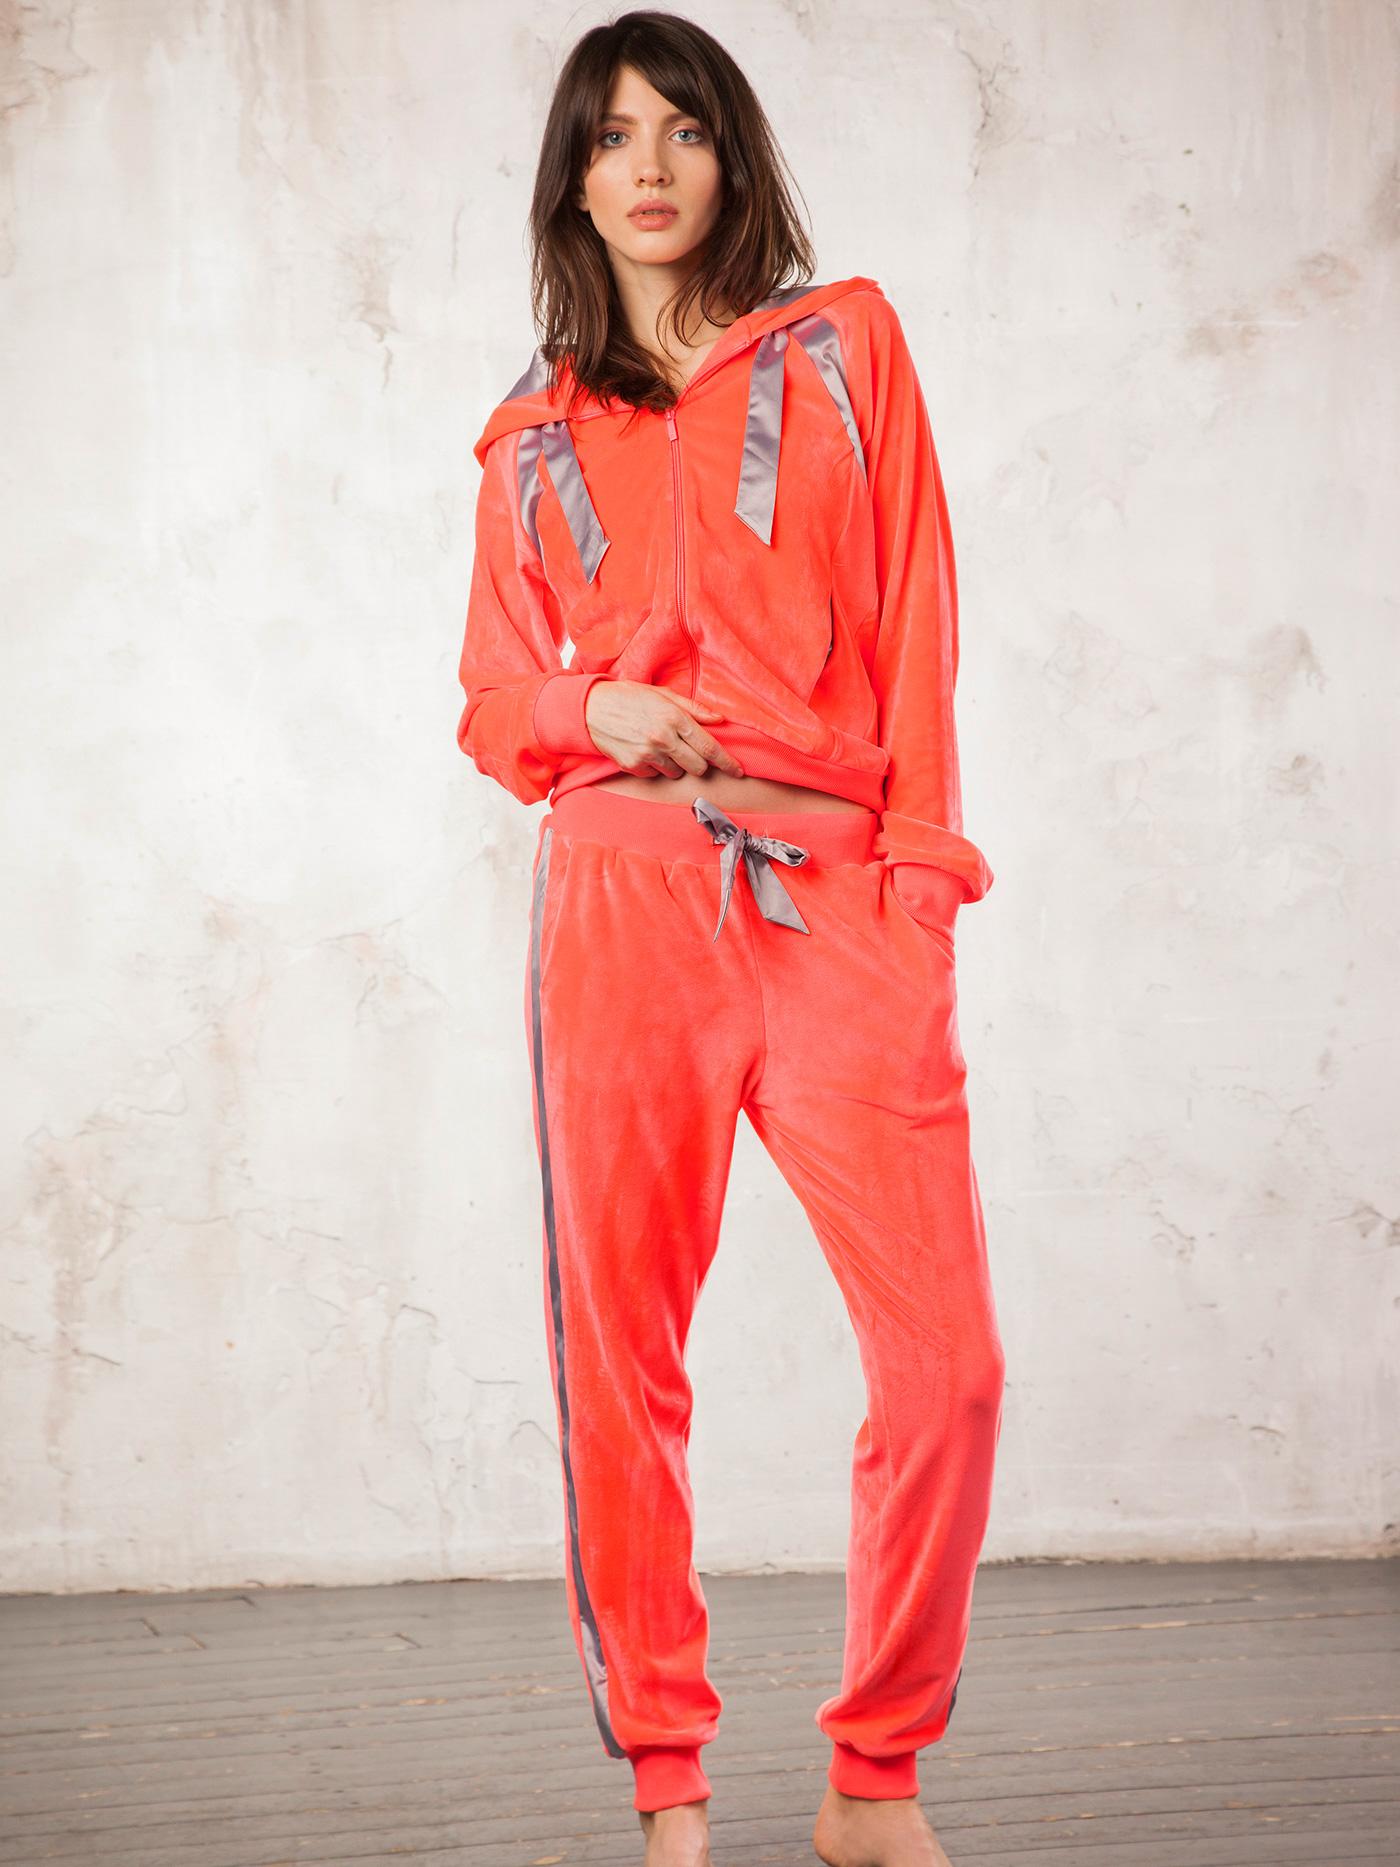 Брюки mysticite velvetБюстье<br>брюки<br><br>Цвет: Красный<br>Декор: Тесьма декоративная<br>Стилистика: Без стилистики<br>Направление: Бюстье<br>Пол: Женский<br>Материал: 92%ПЭ;8%ЭЛ<br>Размер: 4